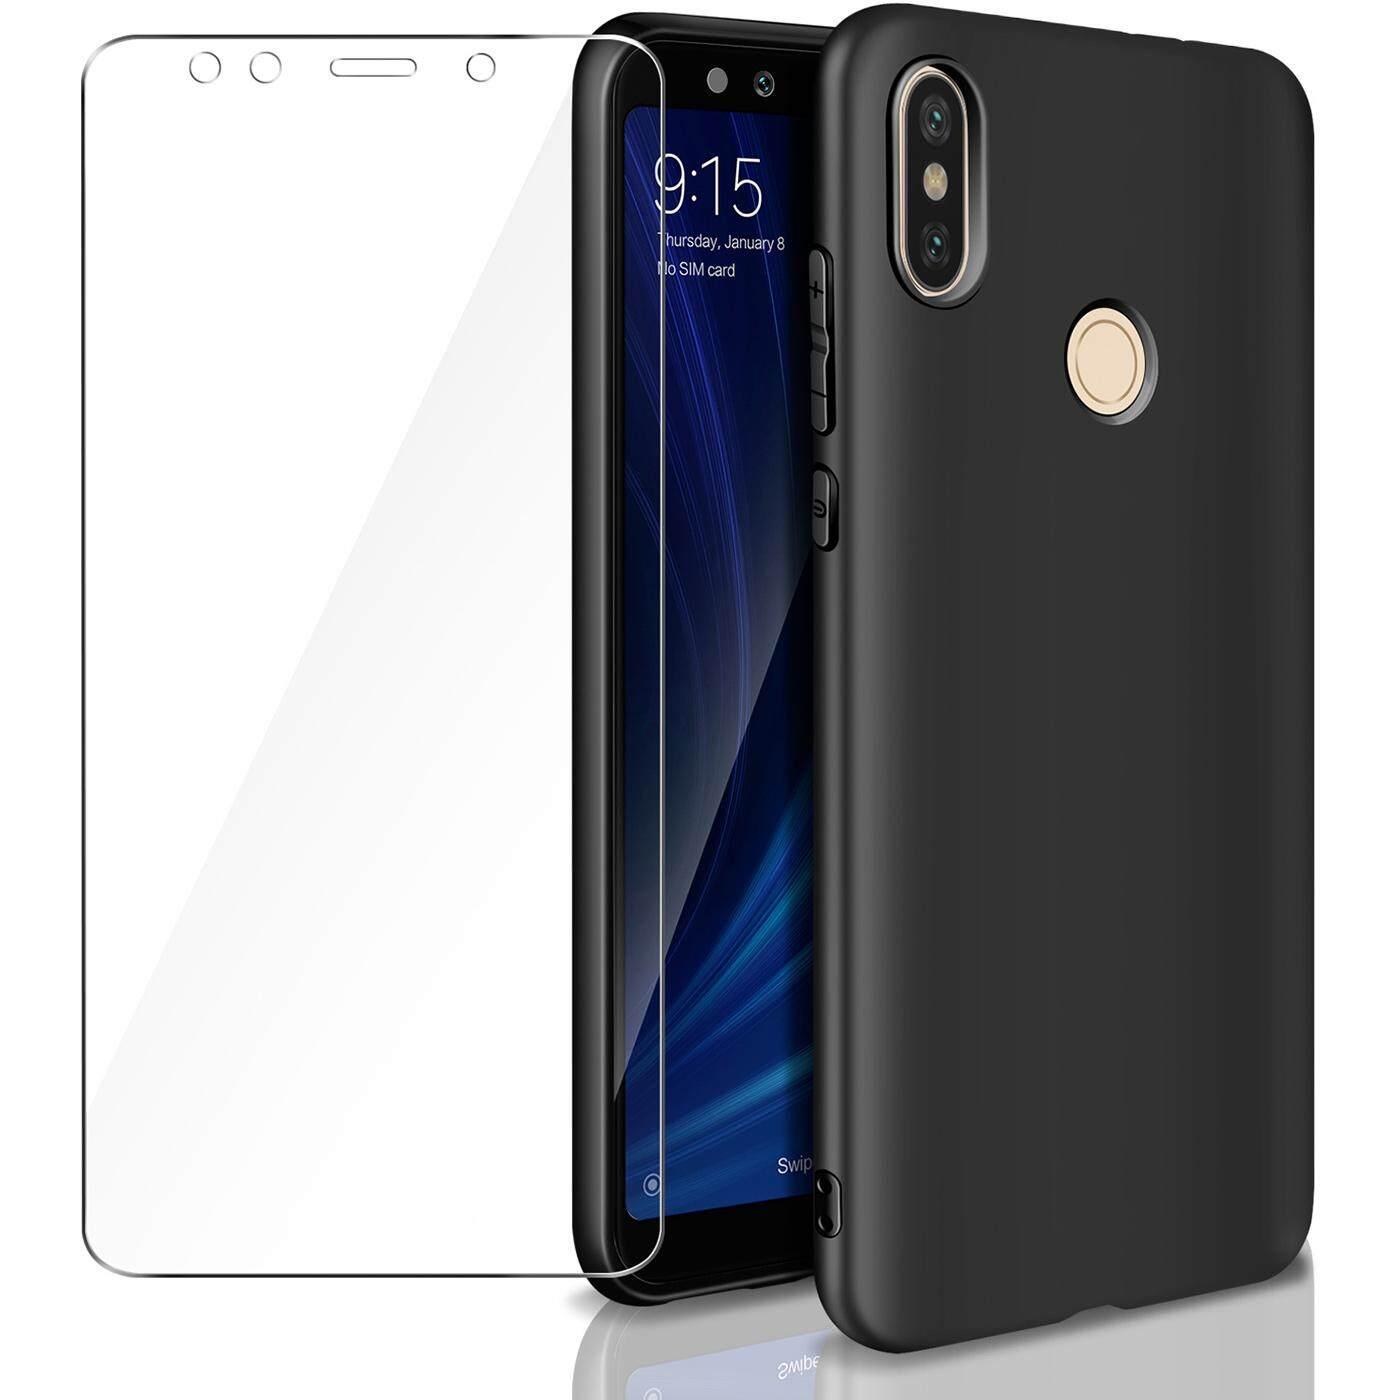 Rymall For Xiaomi Mi A2 (Mi 6X) Casing Soft TPU Silicone Flexible Gel Slim